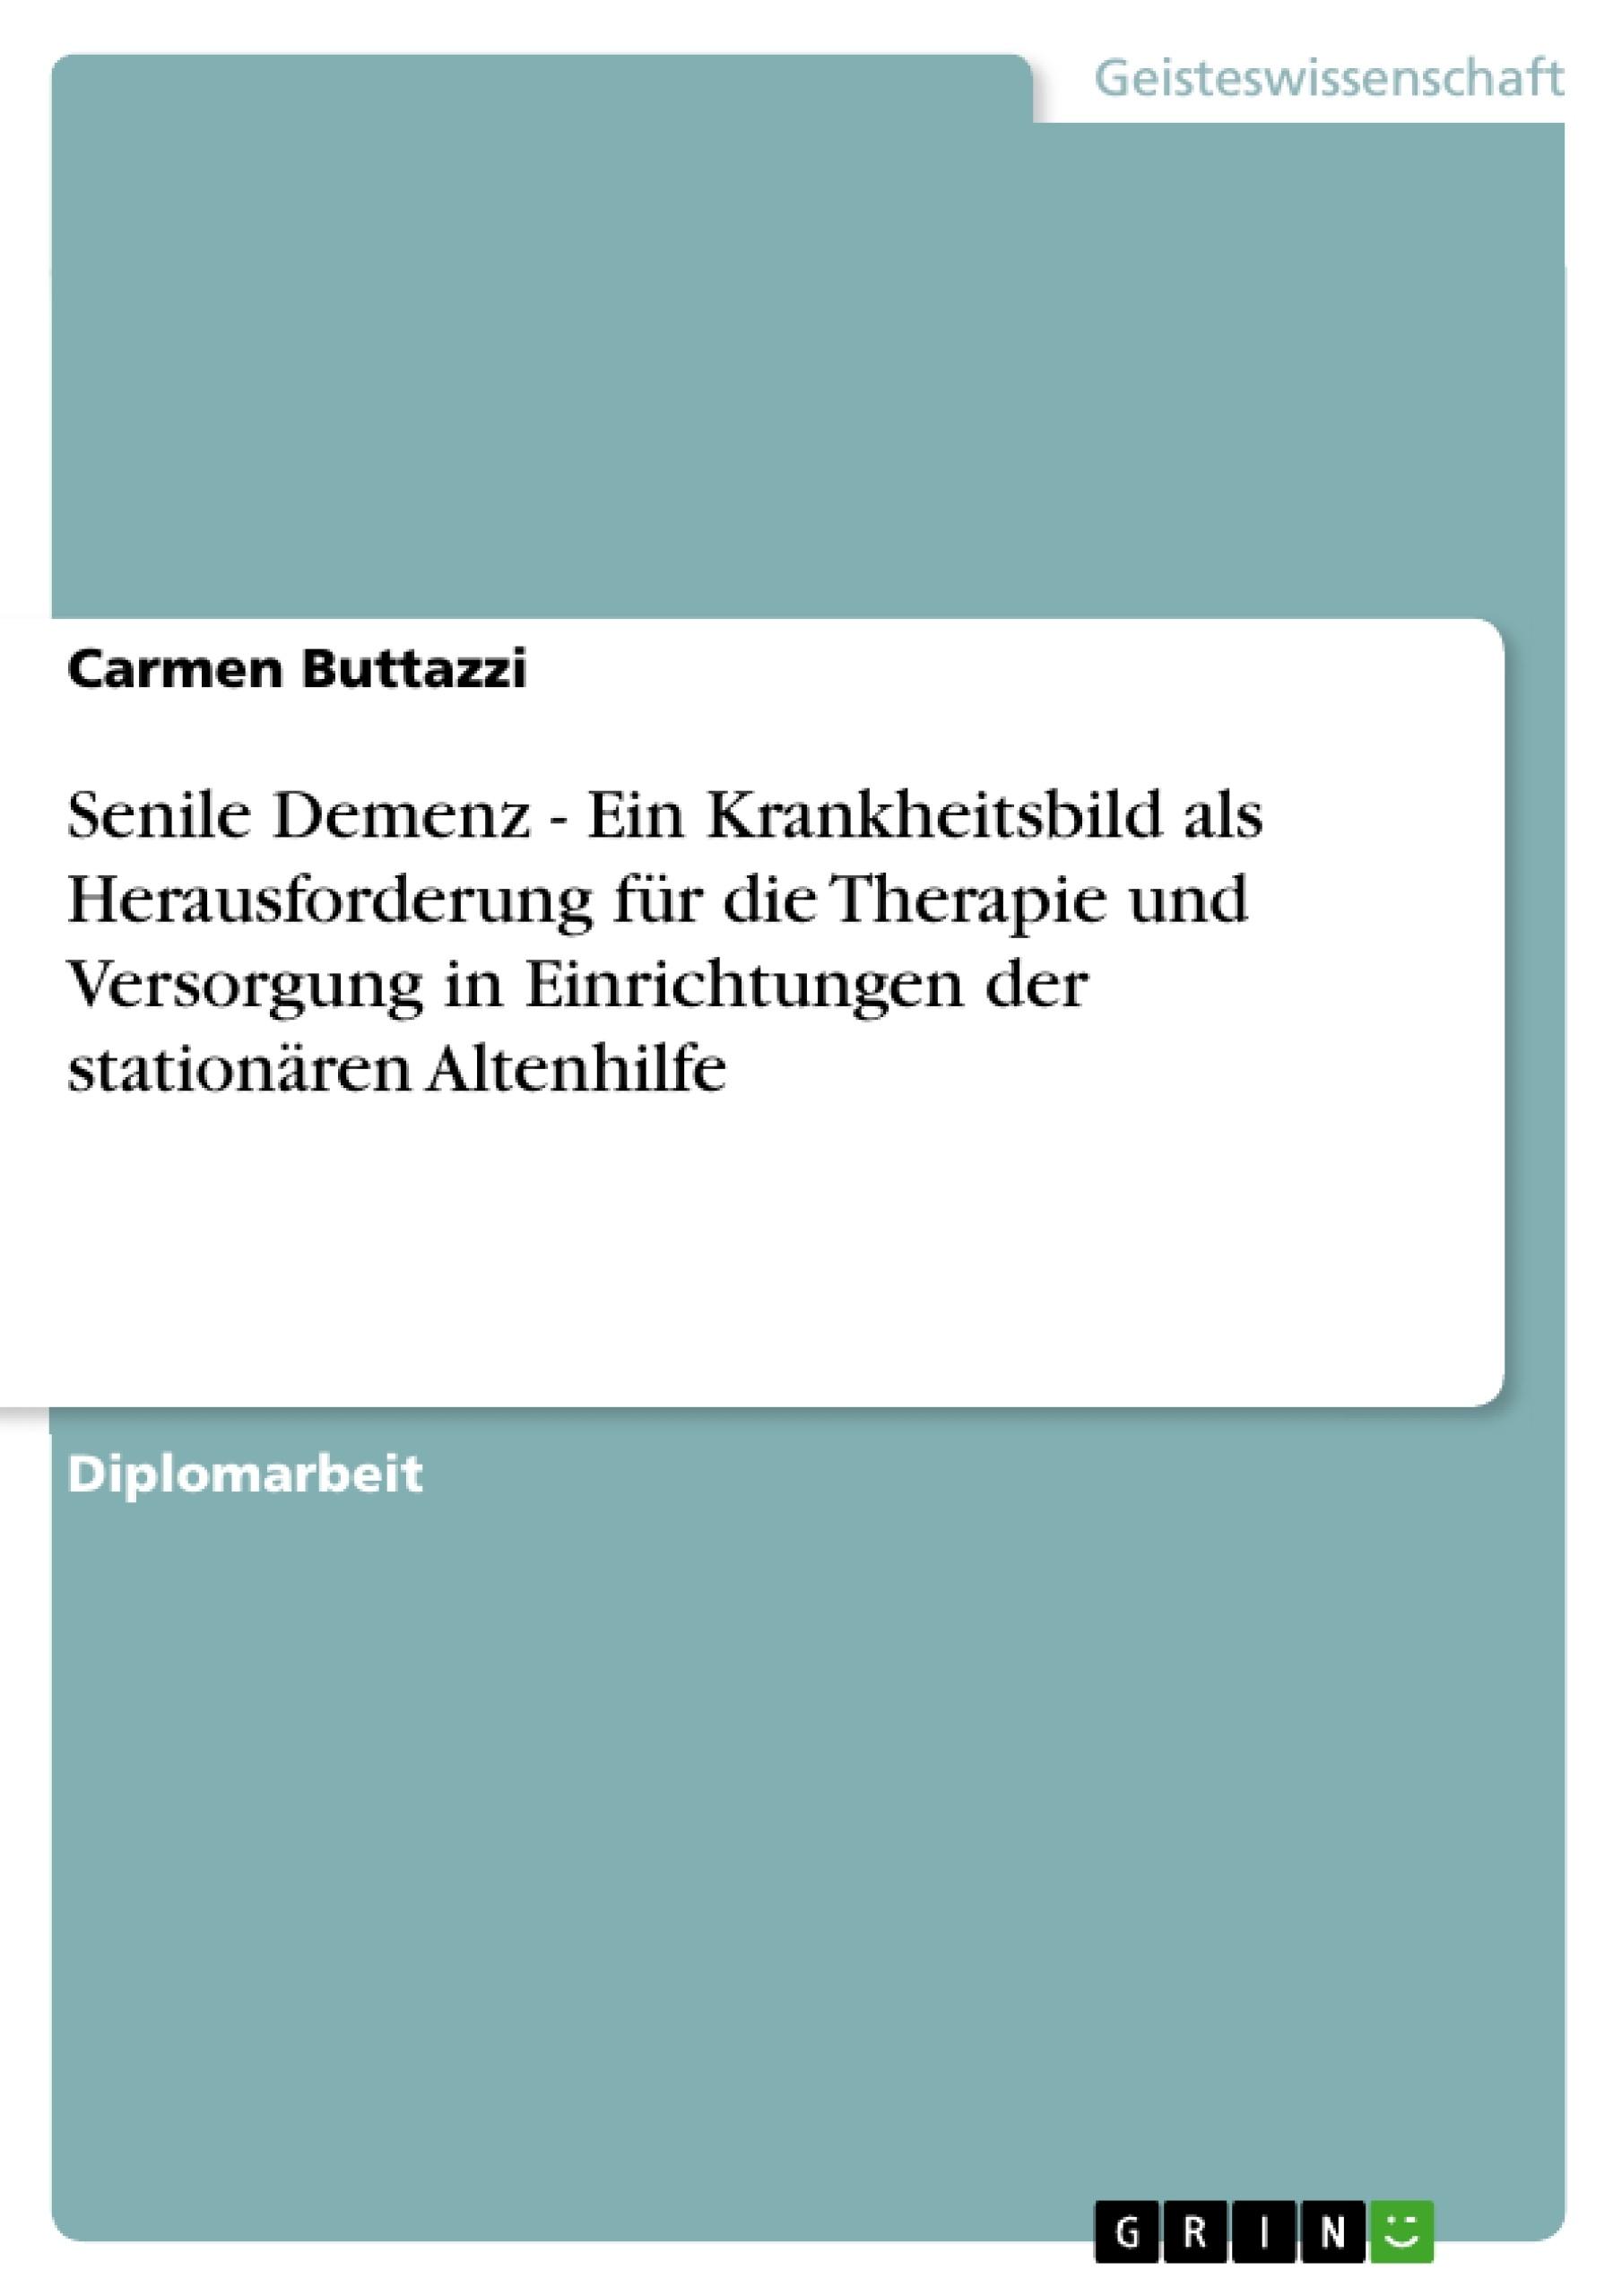 Titel: Senile Demenz - Ein Krankheitsbild als Herausforderung für die Therapie und Versorgung in Einrichtungen der stationären Altenhilfe